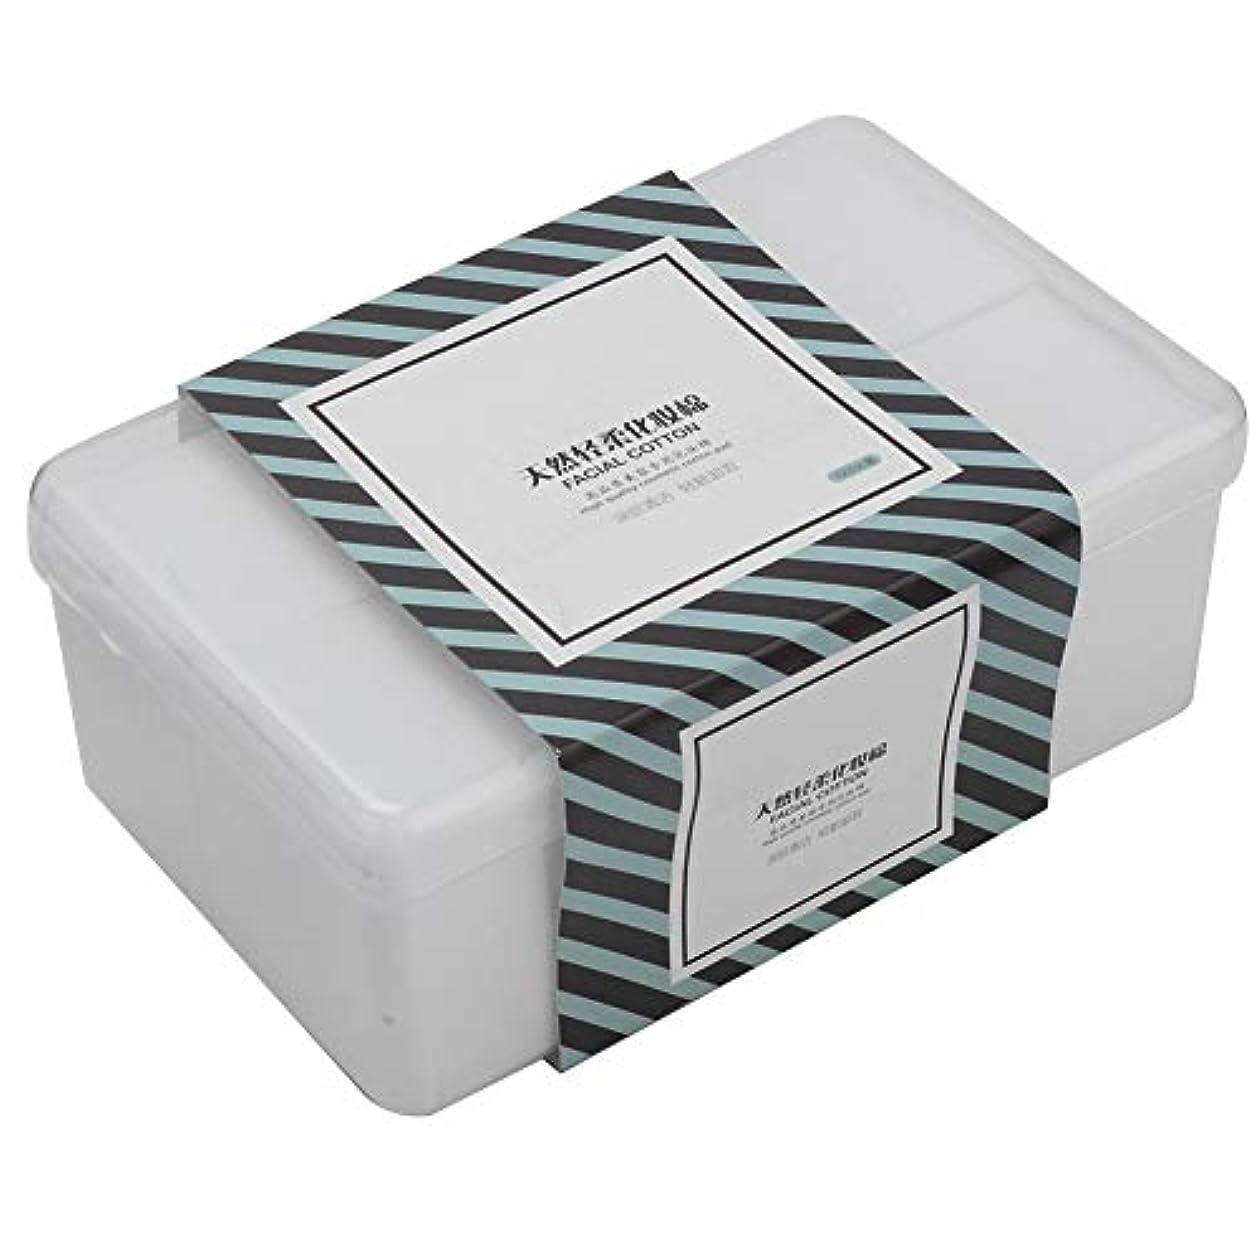 無限大カテゴリー慣れている1000枚 /箱の構造の綿パッドの化粧品は清潔になりますスキンケアを拭きます